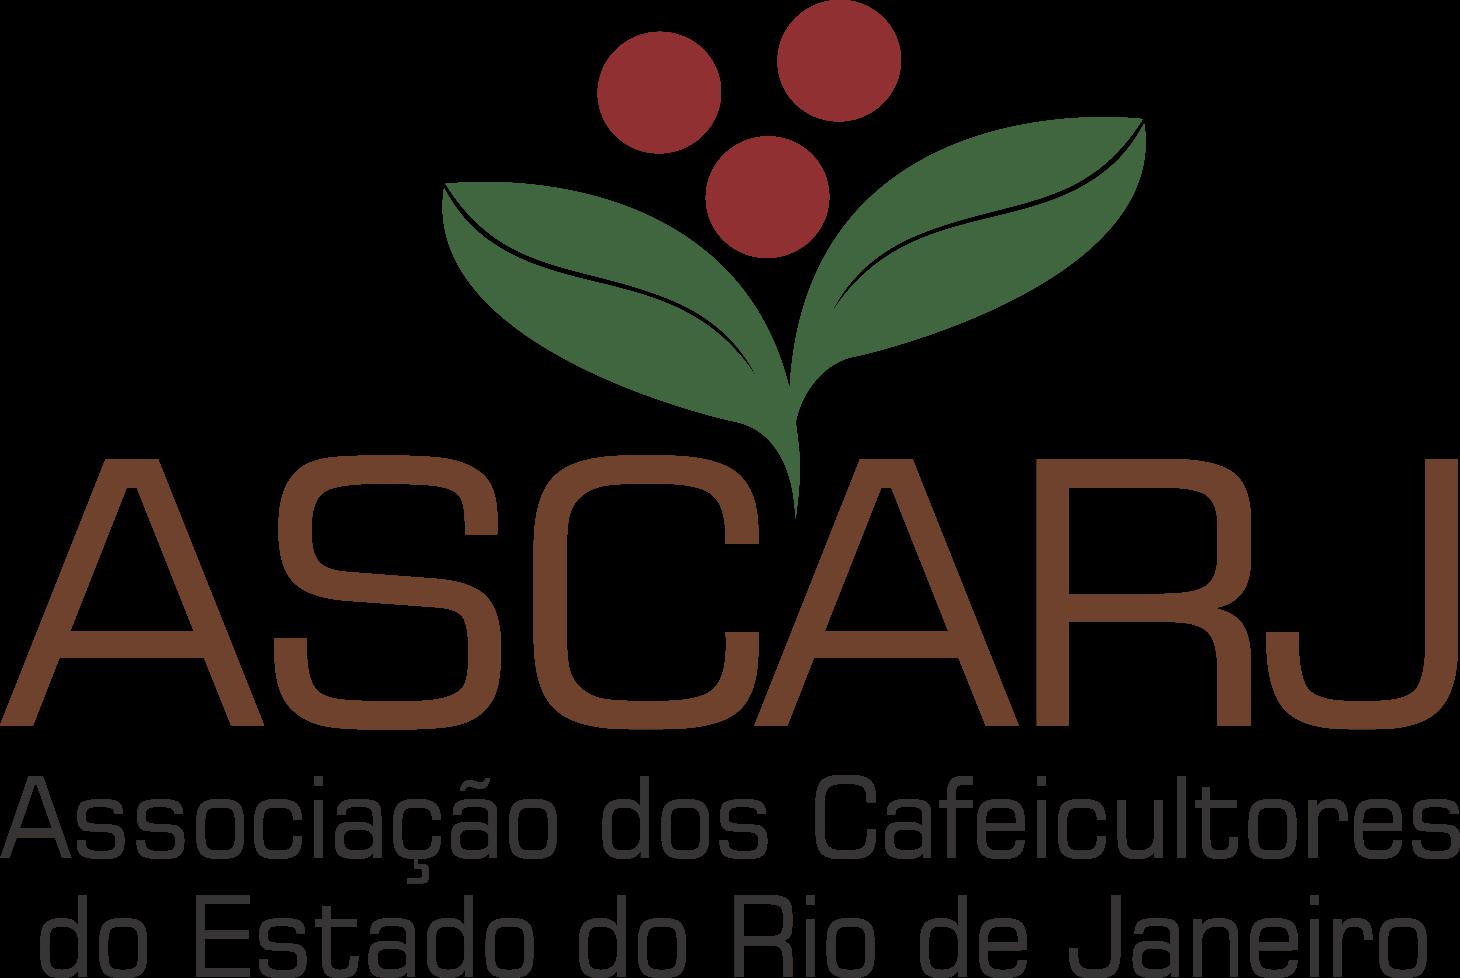 Logotipo ASCARJ - Associação dos Cafeicultores do Estado do Rio de Janeiro